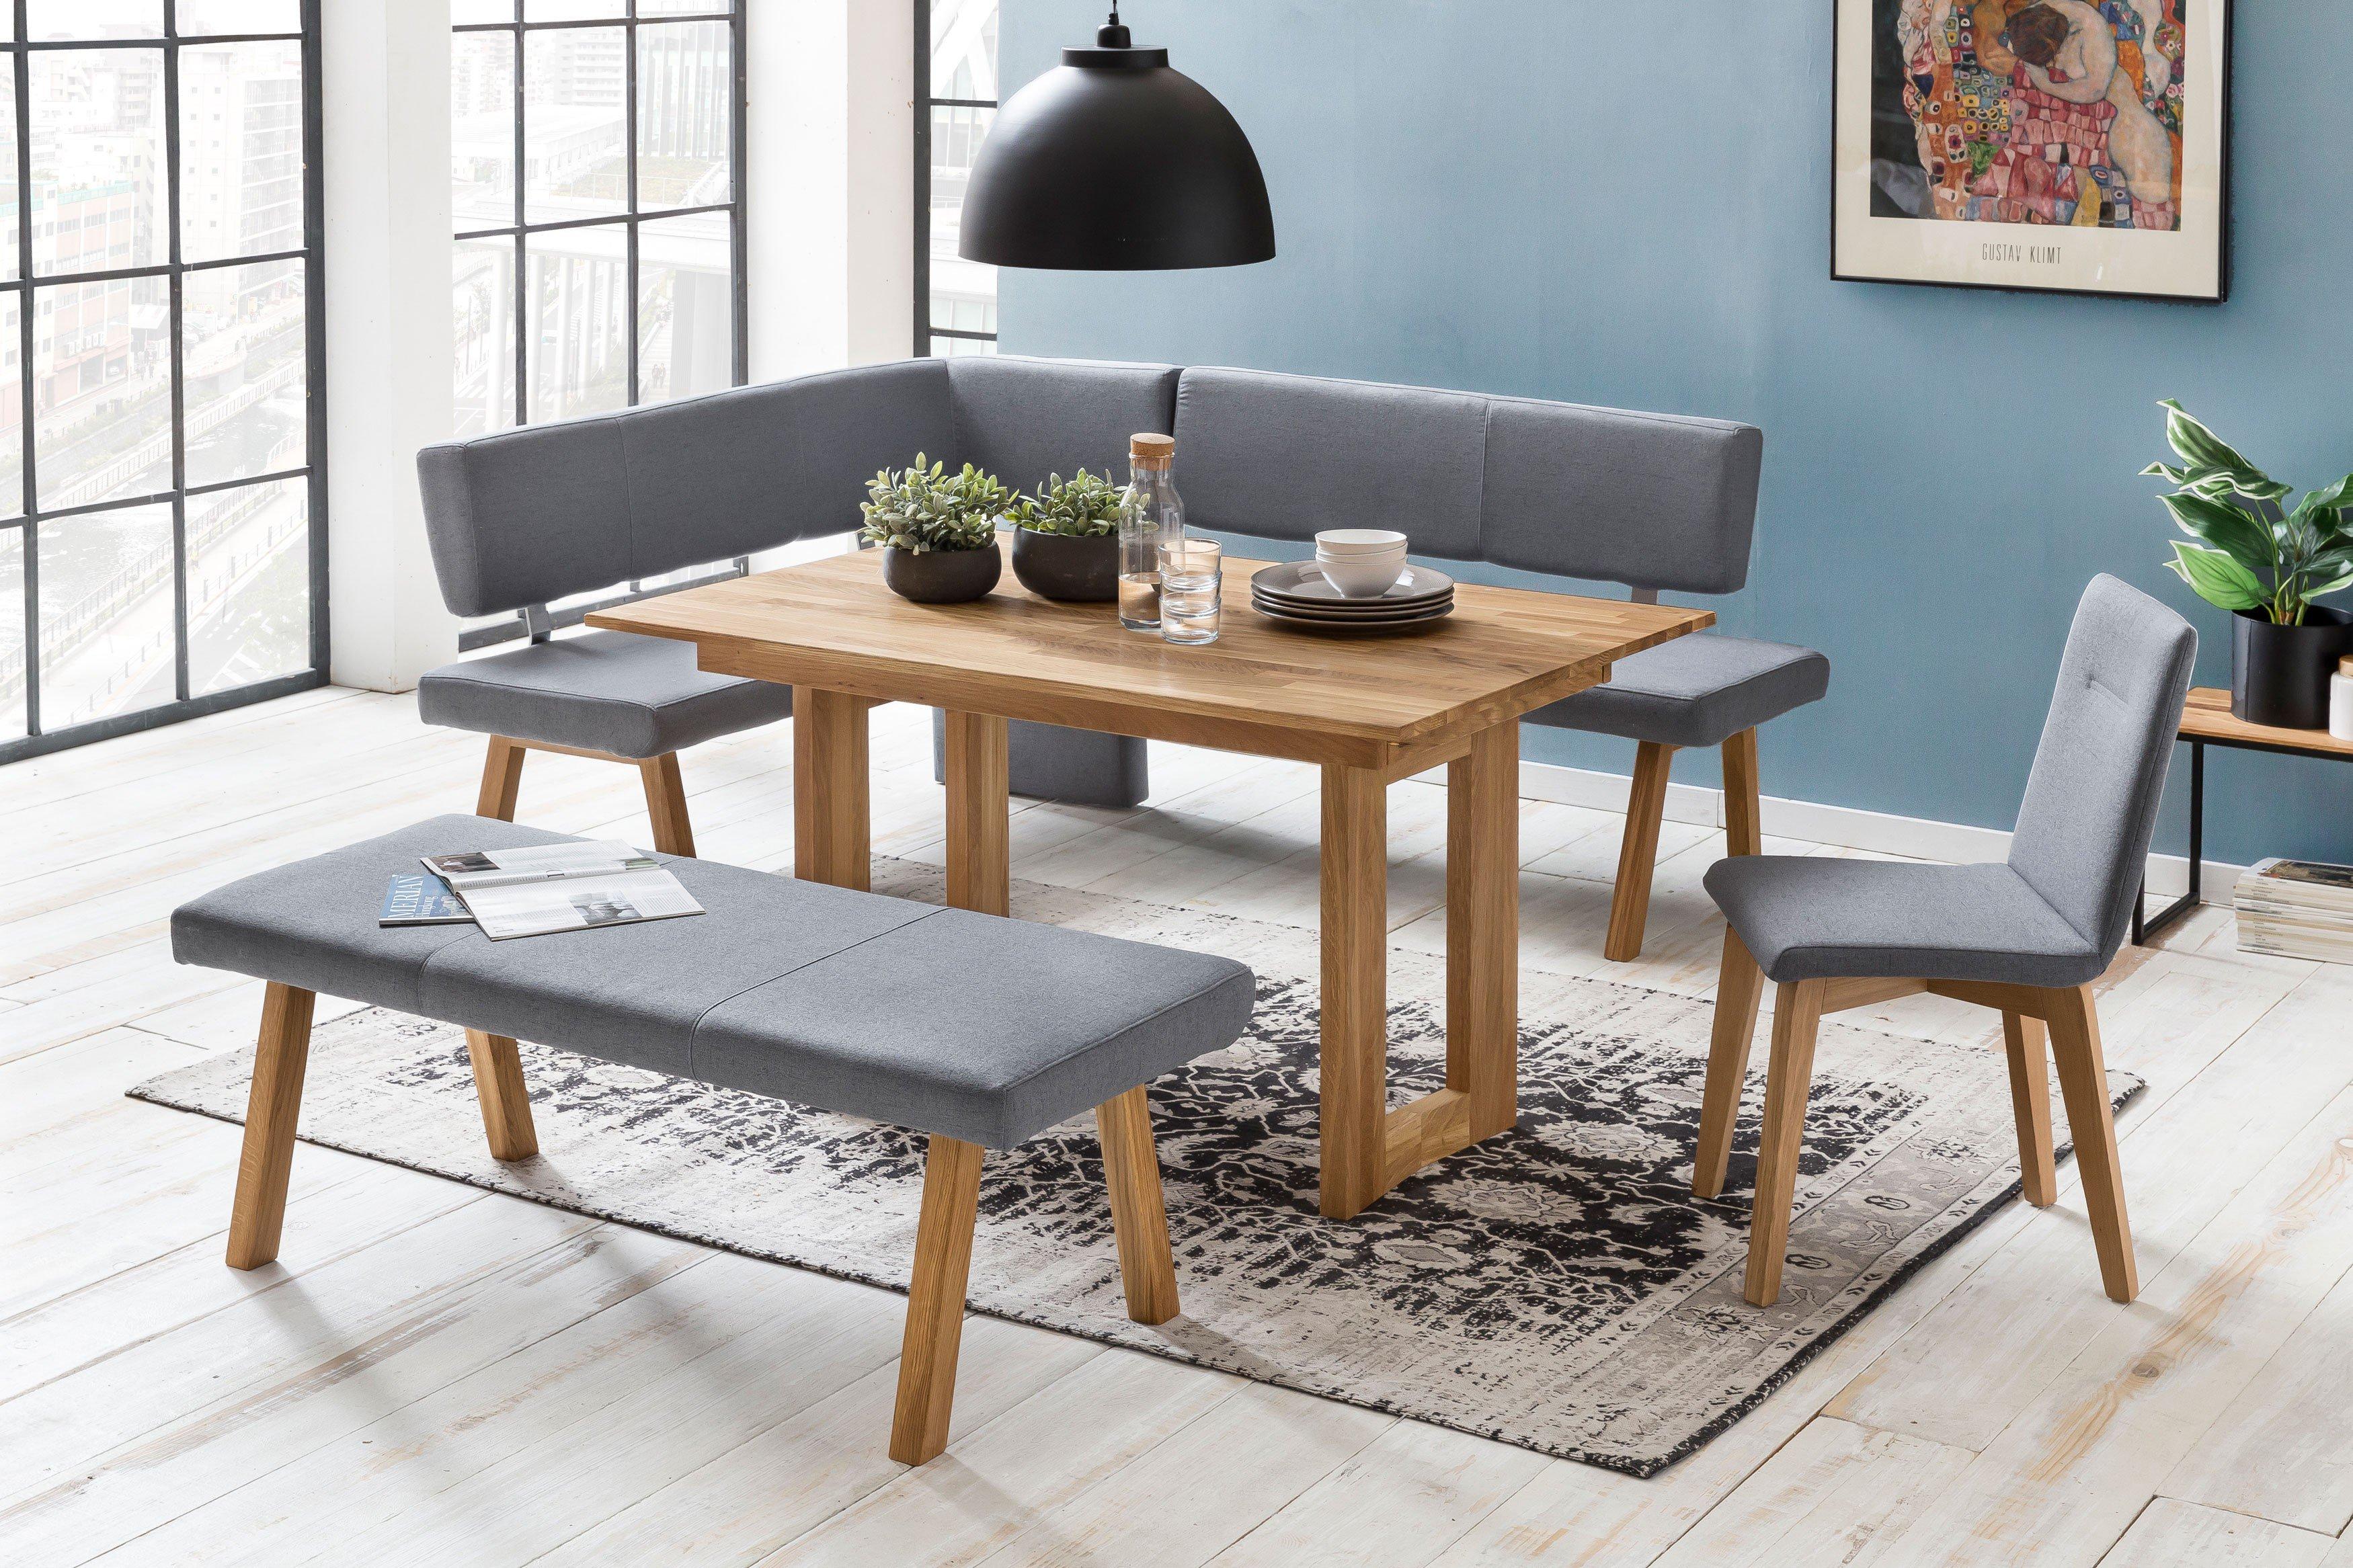 Standard Furniture Eckbank Konstanz Aus Eiche Natur Geolt Grau